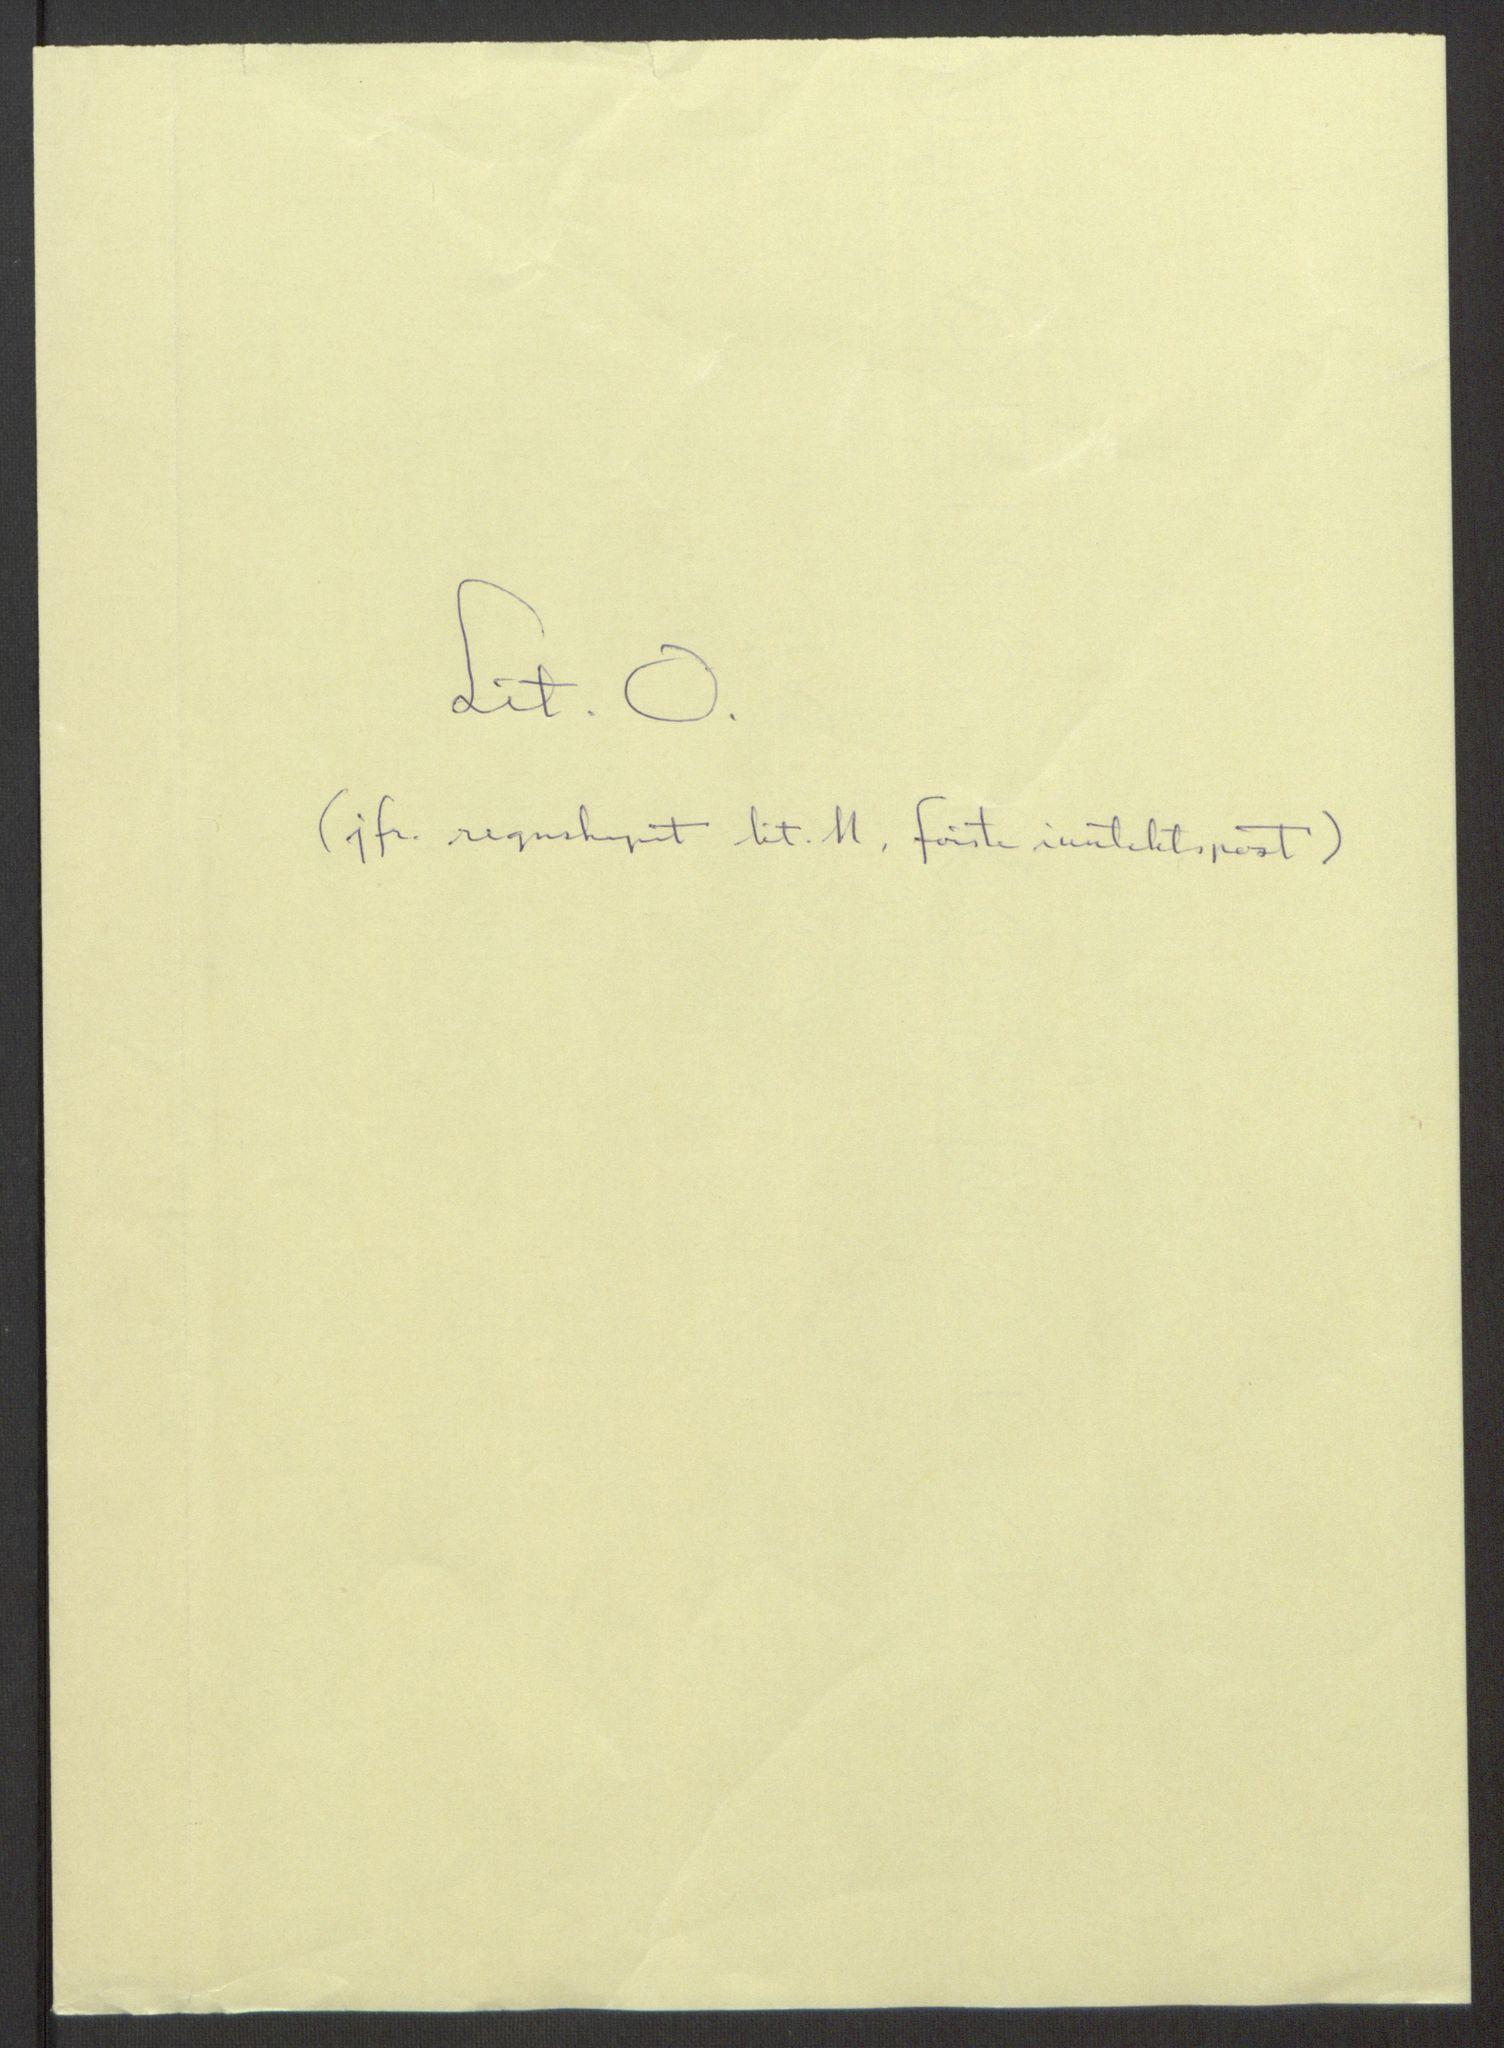 RA, Rentekammeret inntil 1814, Reviderte regnskaper, Fogderegnskap, R35/L2055: Fogderegnskap Øvre og Nedre Telemark, 1664, s. 9